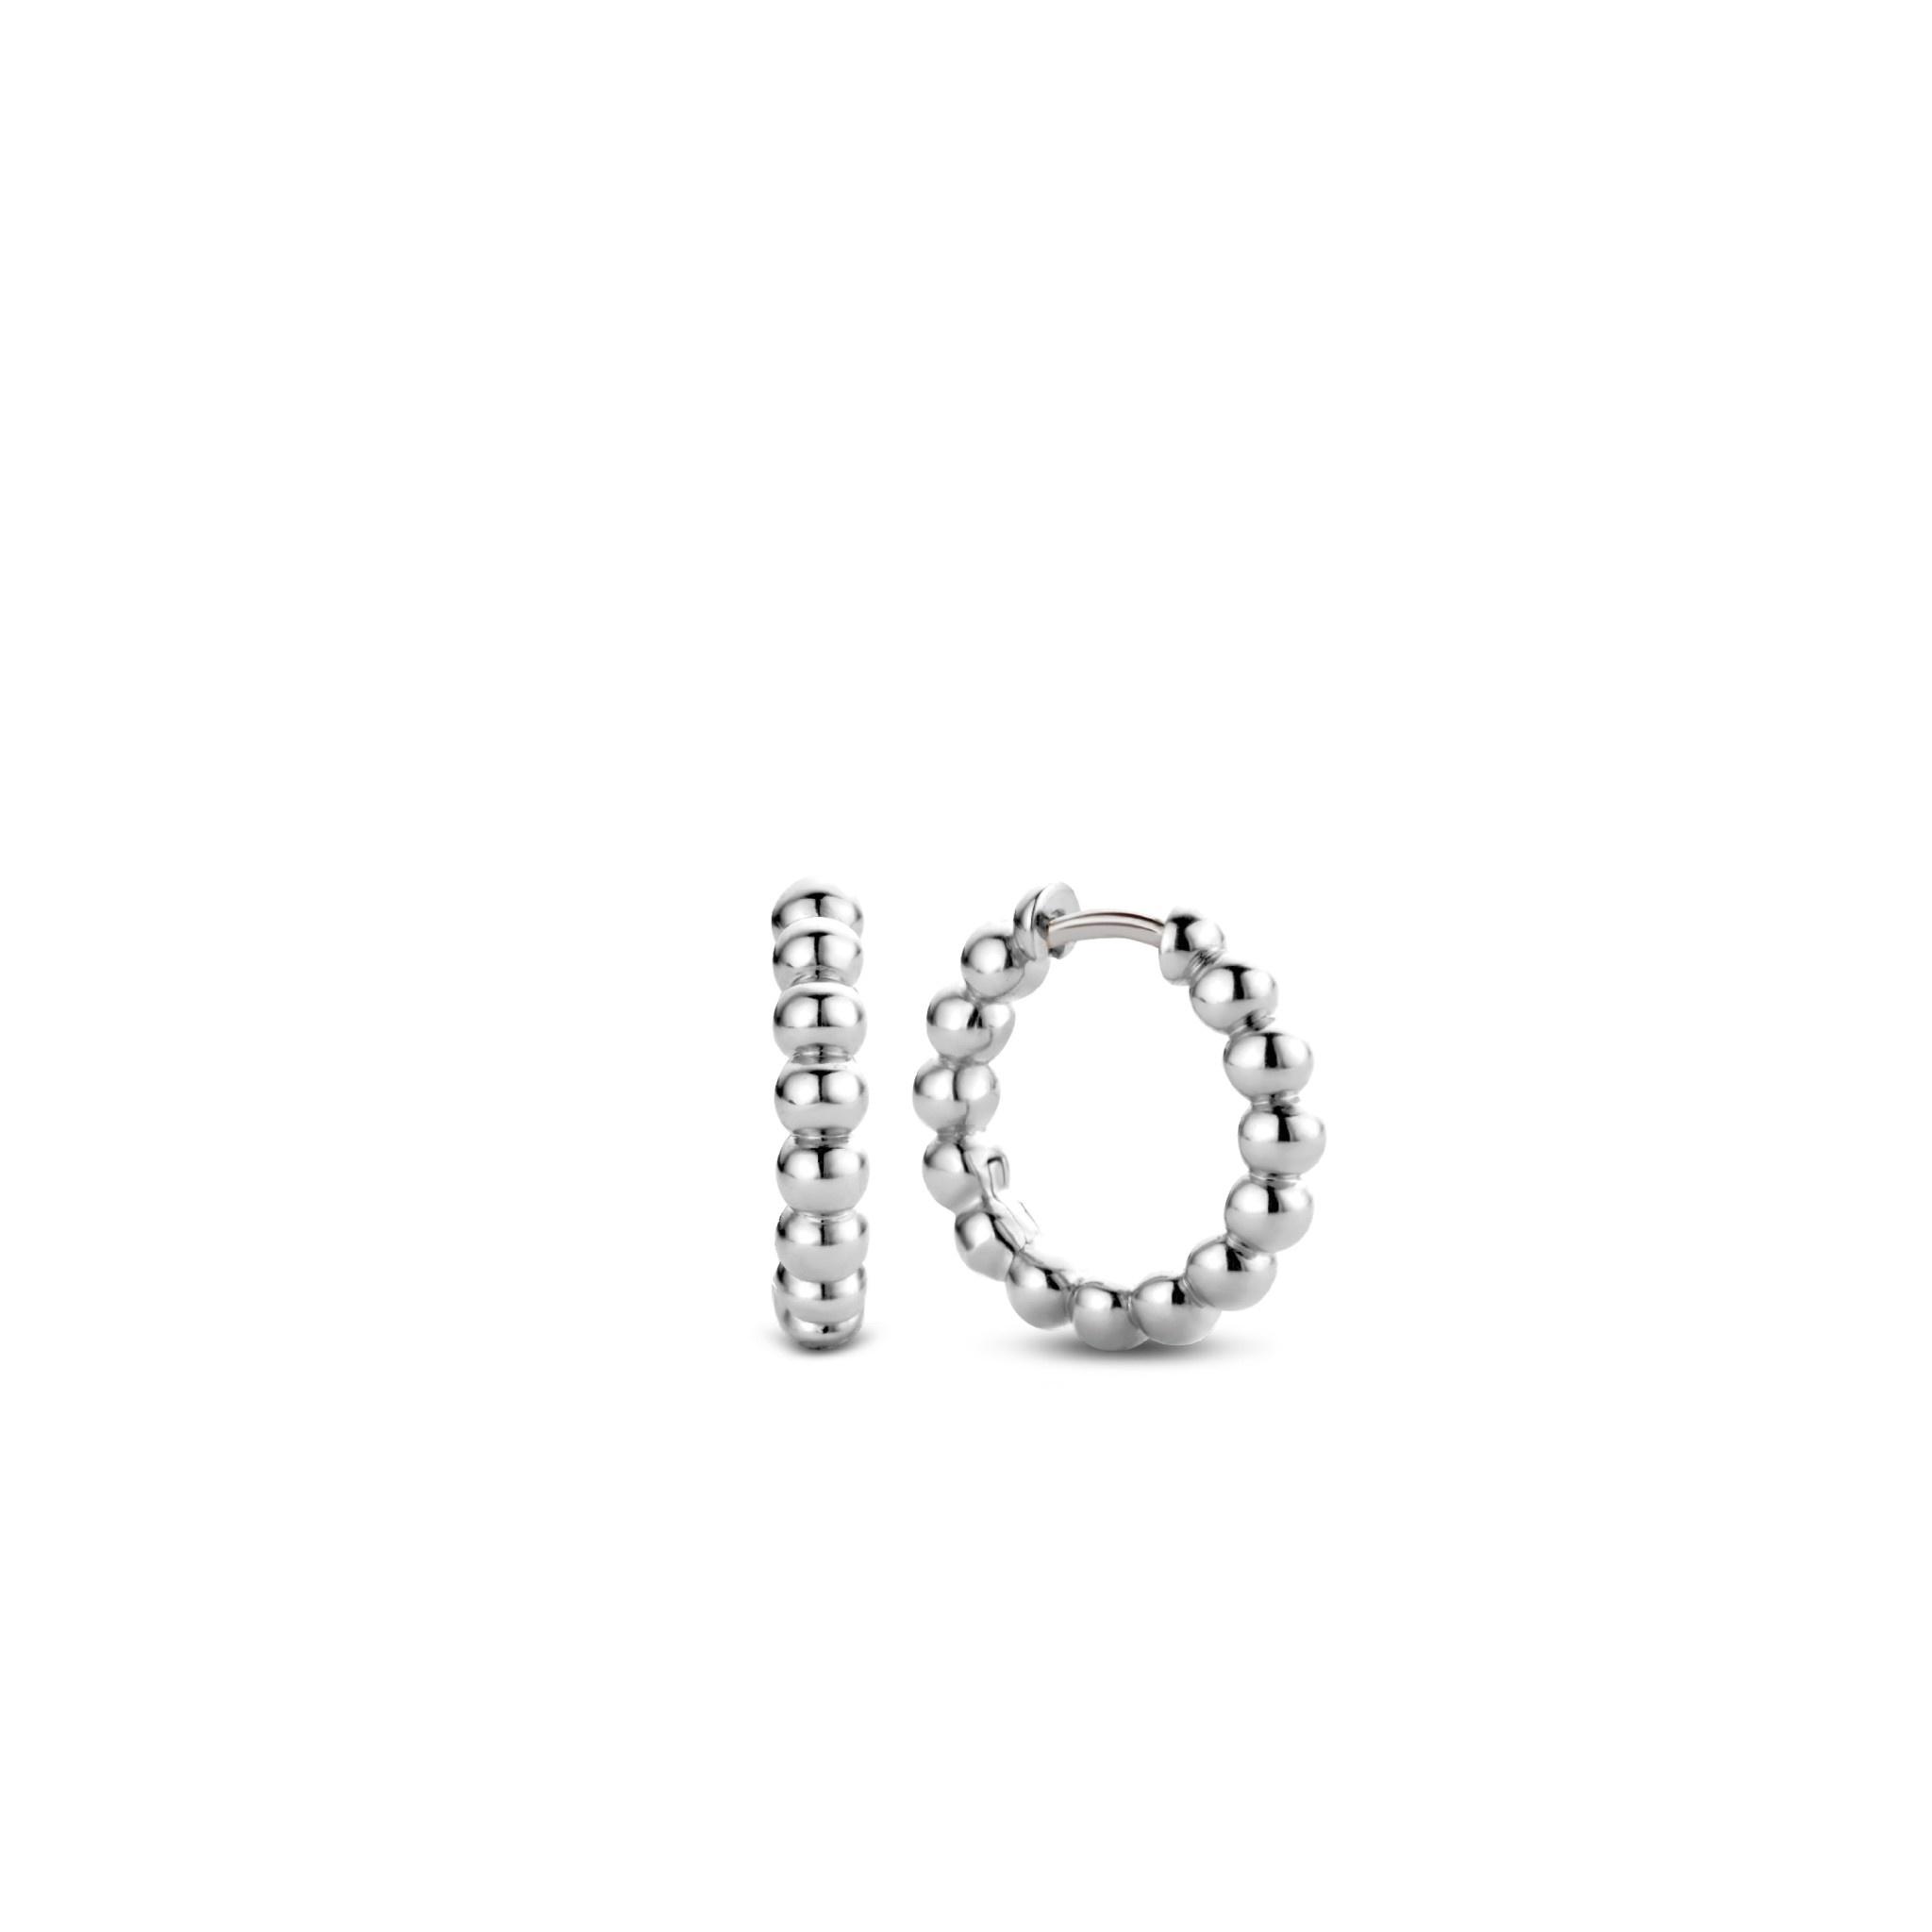 TI SENTO - Milano Earrings 7825SI-1